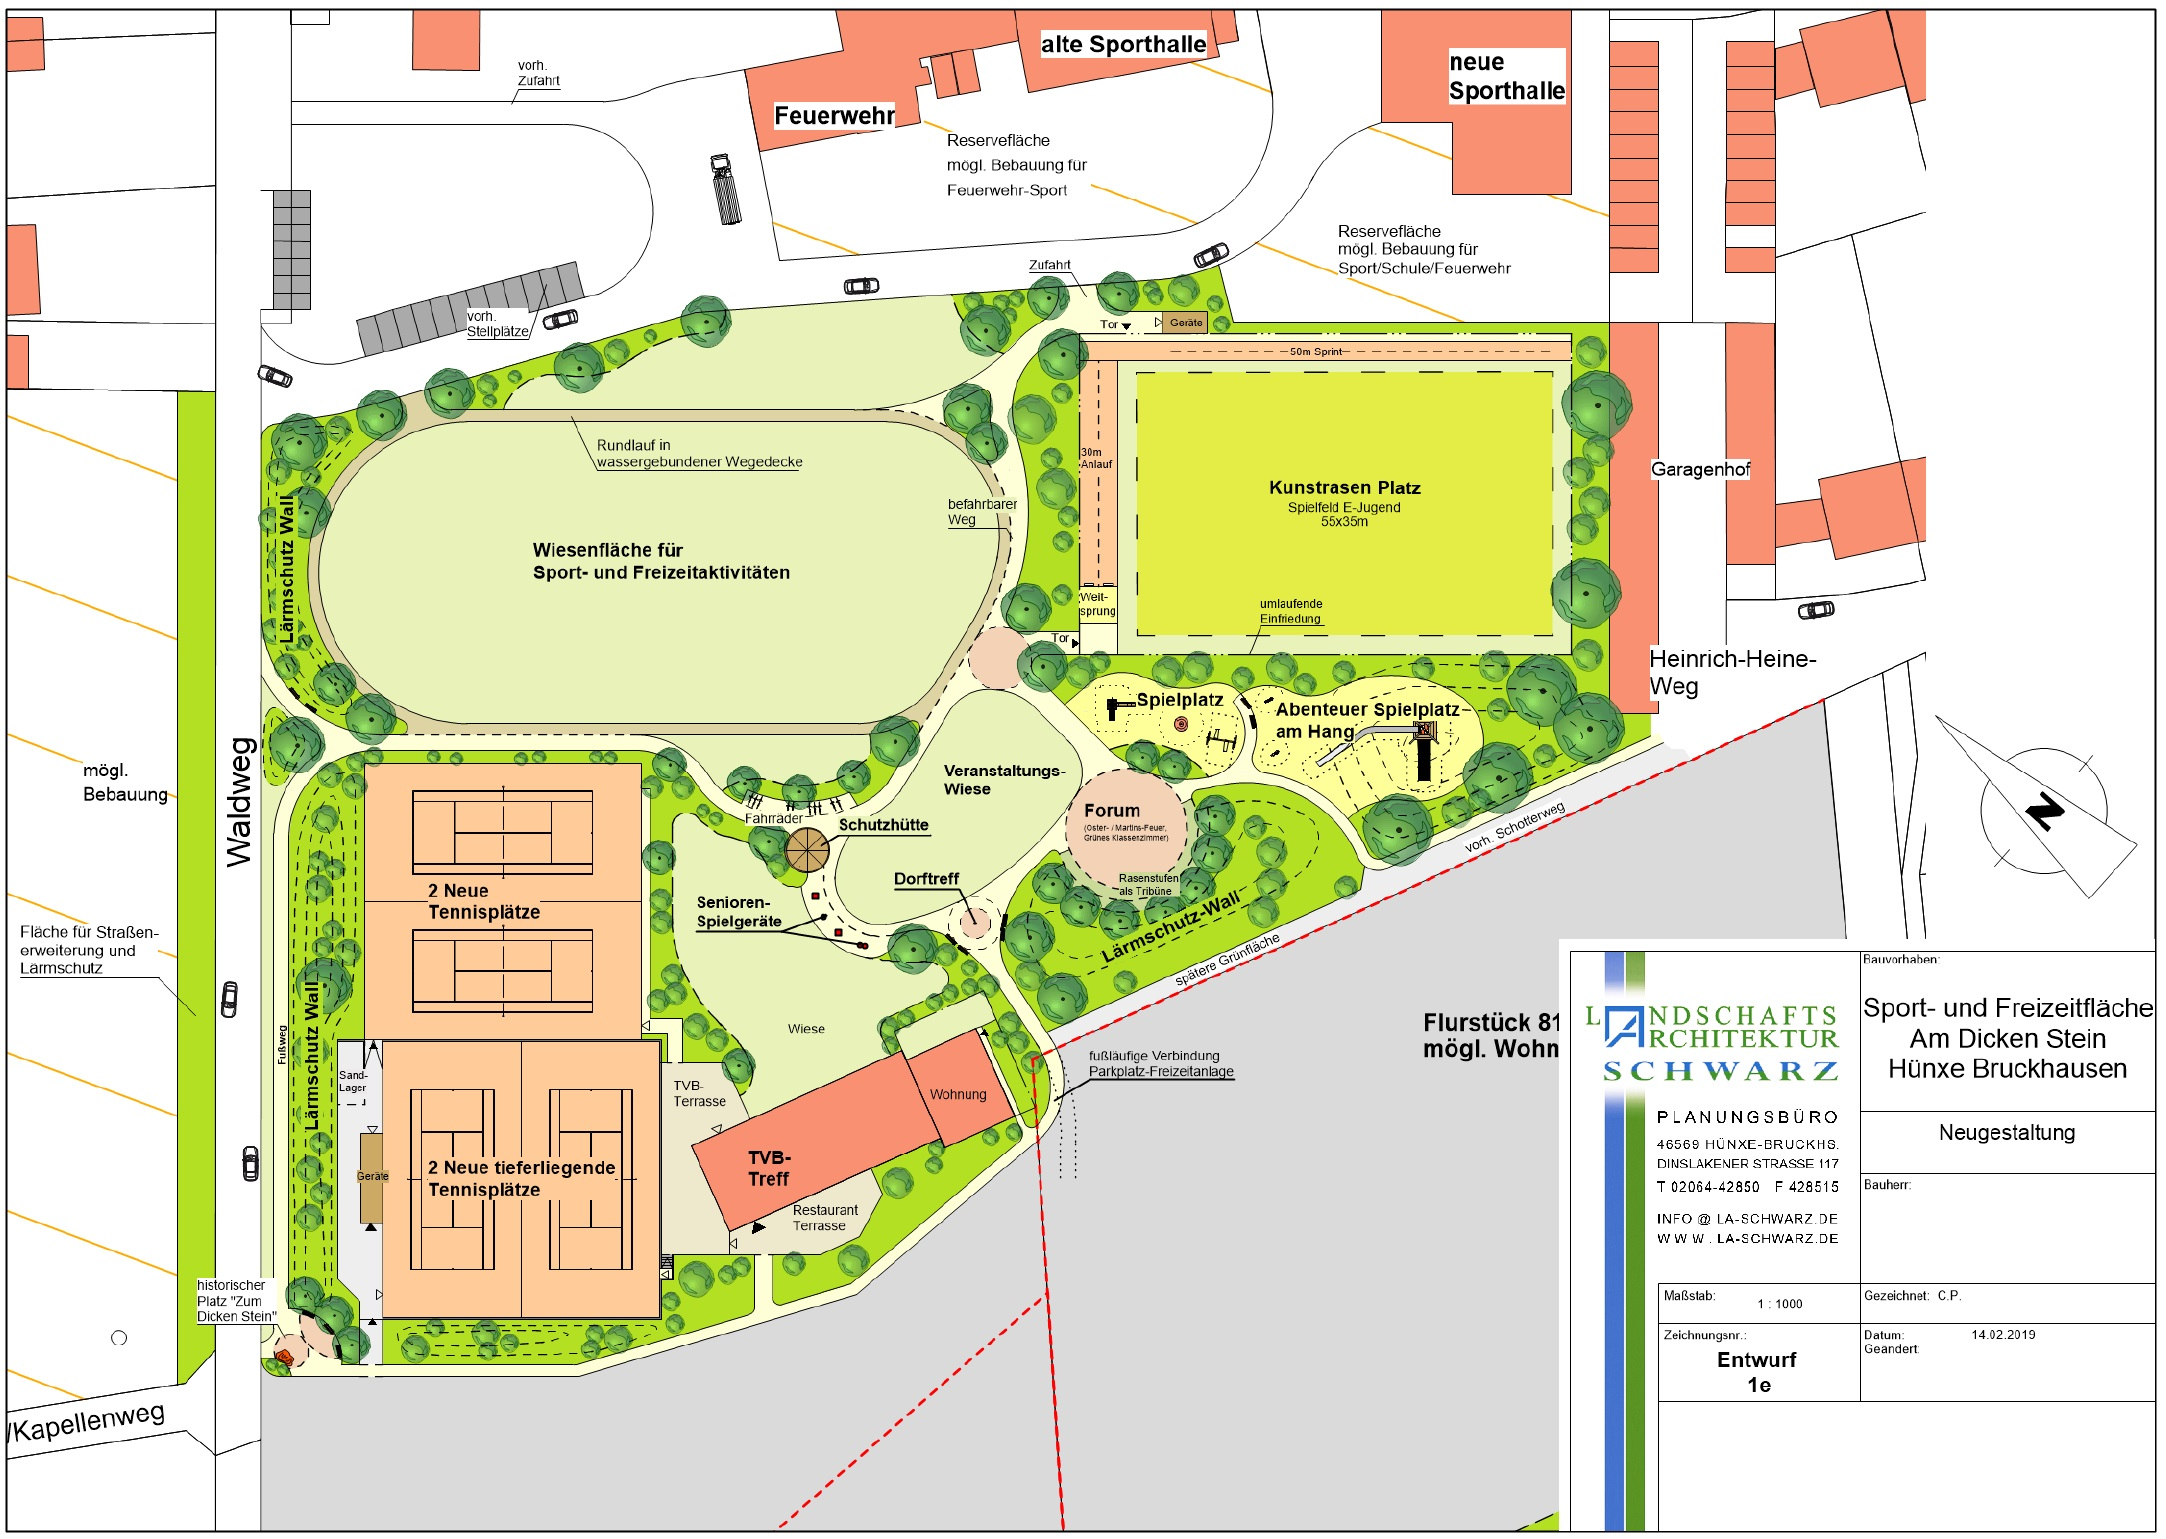 So könnte der Sportplatz in Bruckhausen bald aussehen.  (Quelle: Landschaftsarchitekt Friedhelm Schwarz)